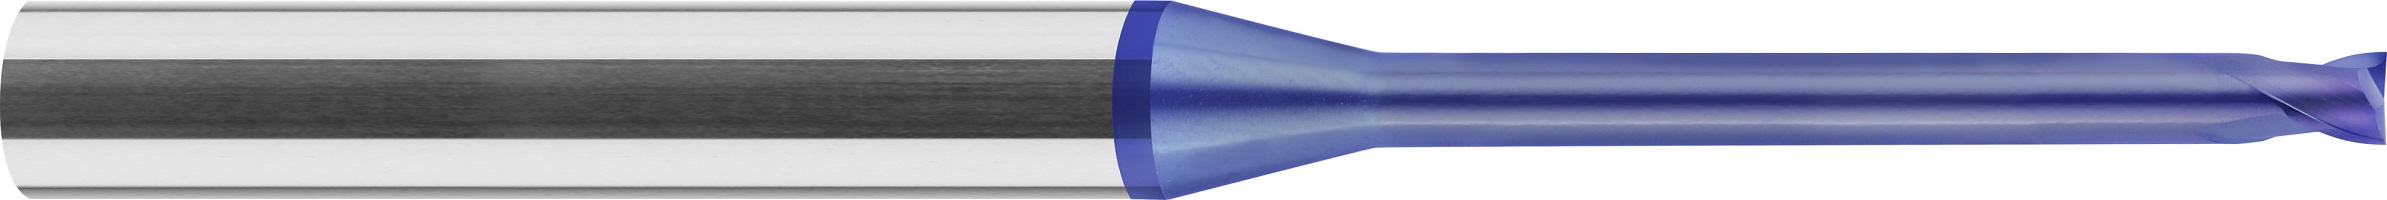 Frez trzpieniowy, micro od Ø 0,1 mm, obniżony, Z-2, HA, HSC, 65 HRC, 1-WYBÓR, VHM NANOCON (455)